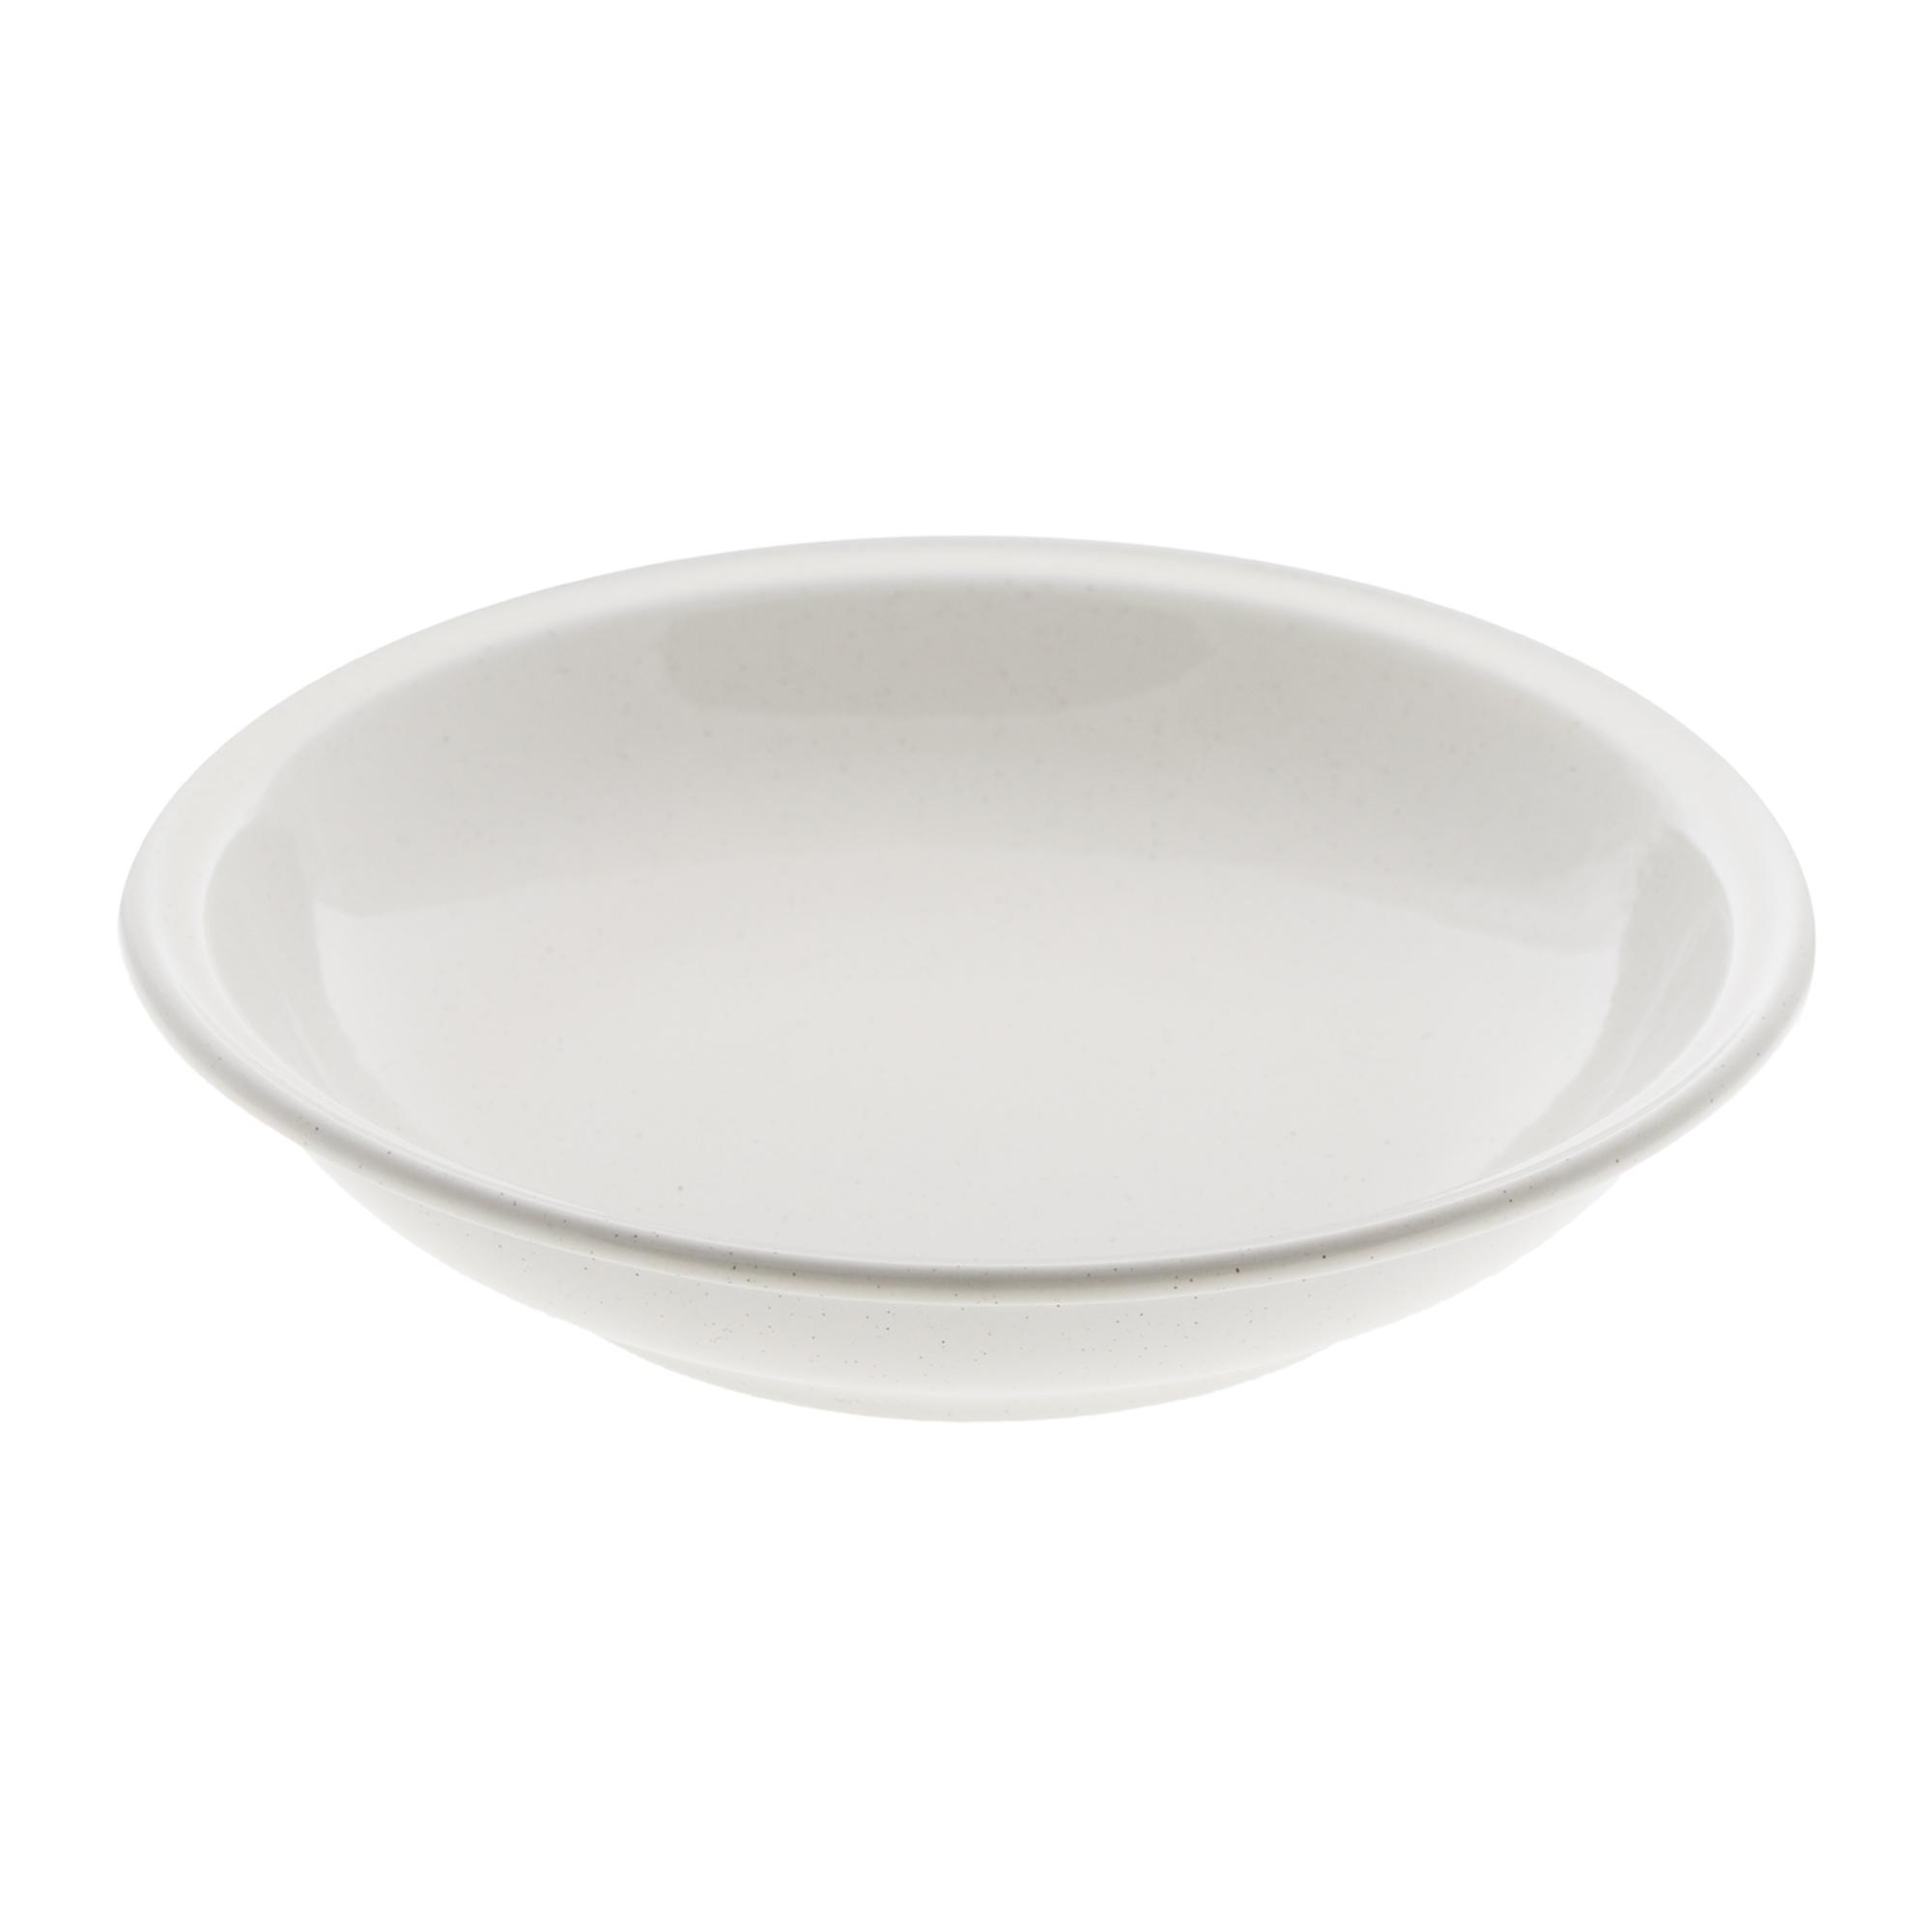 Фото - Тарелка суповая 21см Tognana Siena белая тарелка суповая meringue 21см фарфор